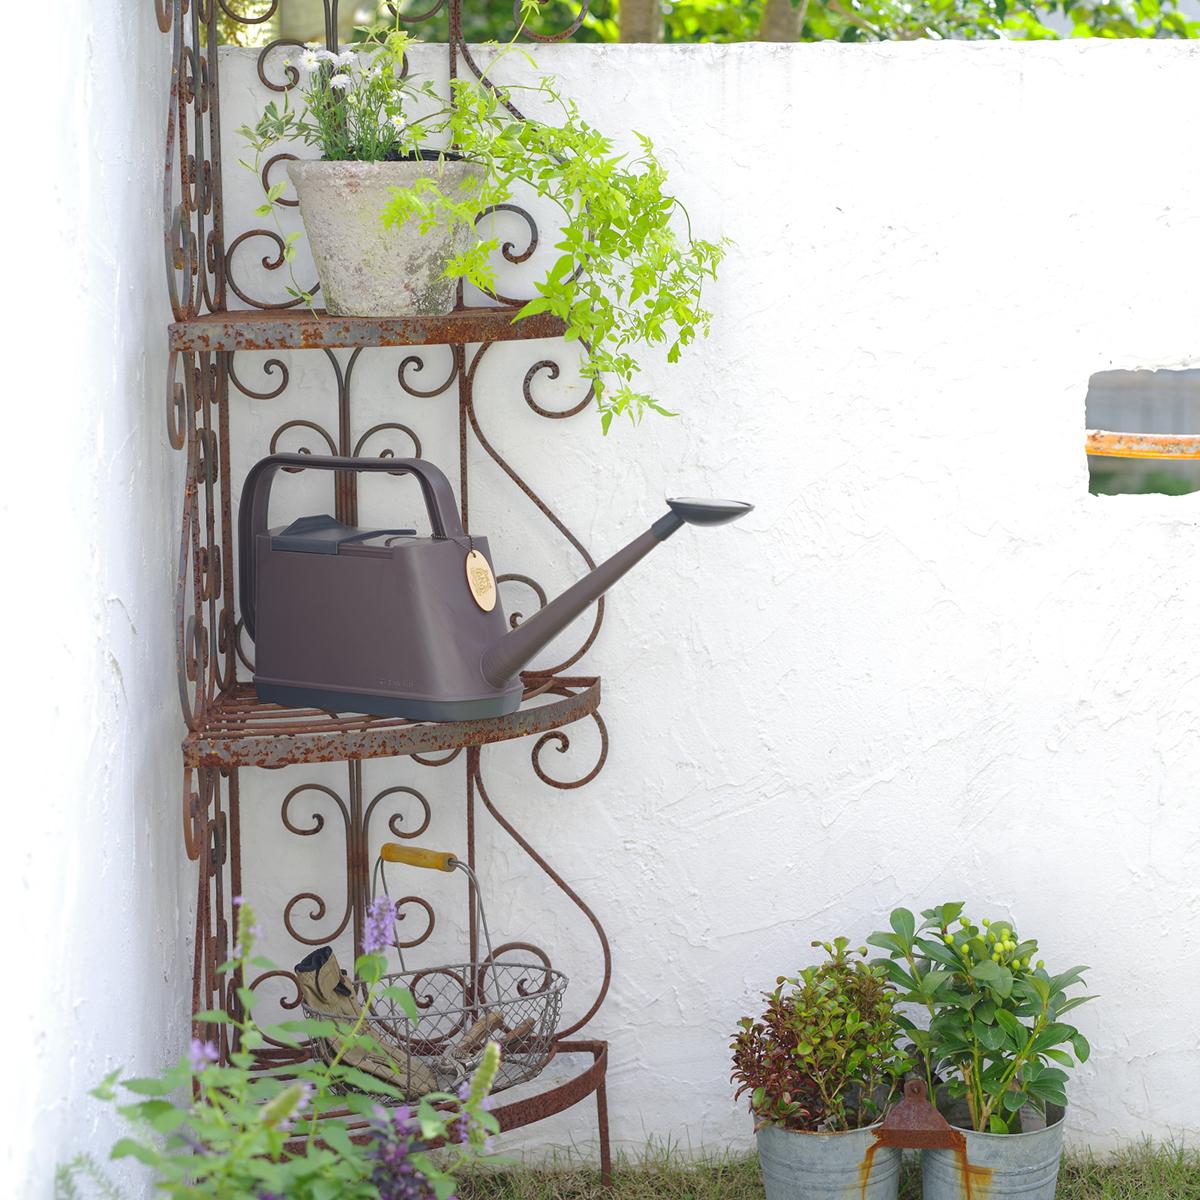 太陽の光、土の香りを感じながら、やさしい雨のように、水を降らせているうちに、気持ちが安らいでいく。植物にやさしい、繊細な雨のような自然な水流のジョウロ|Royal Gardeners Club